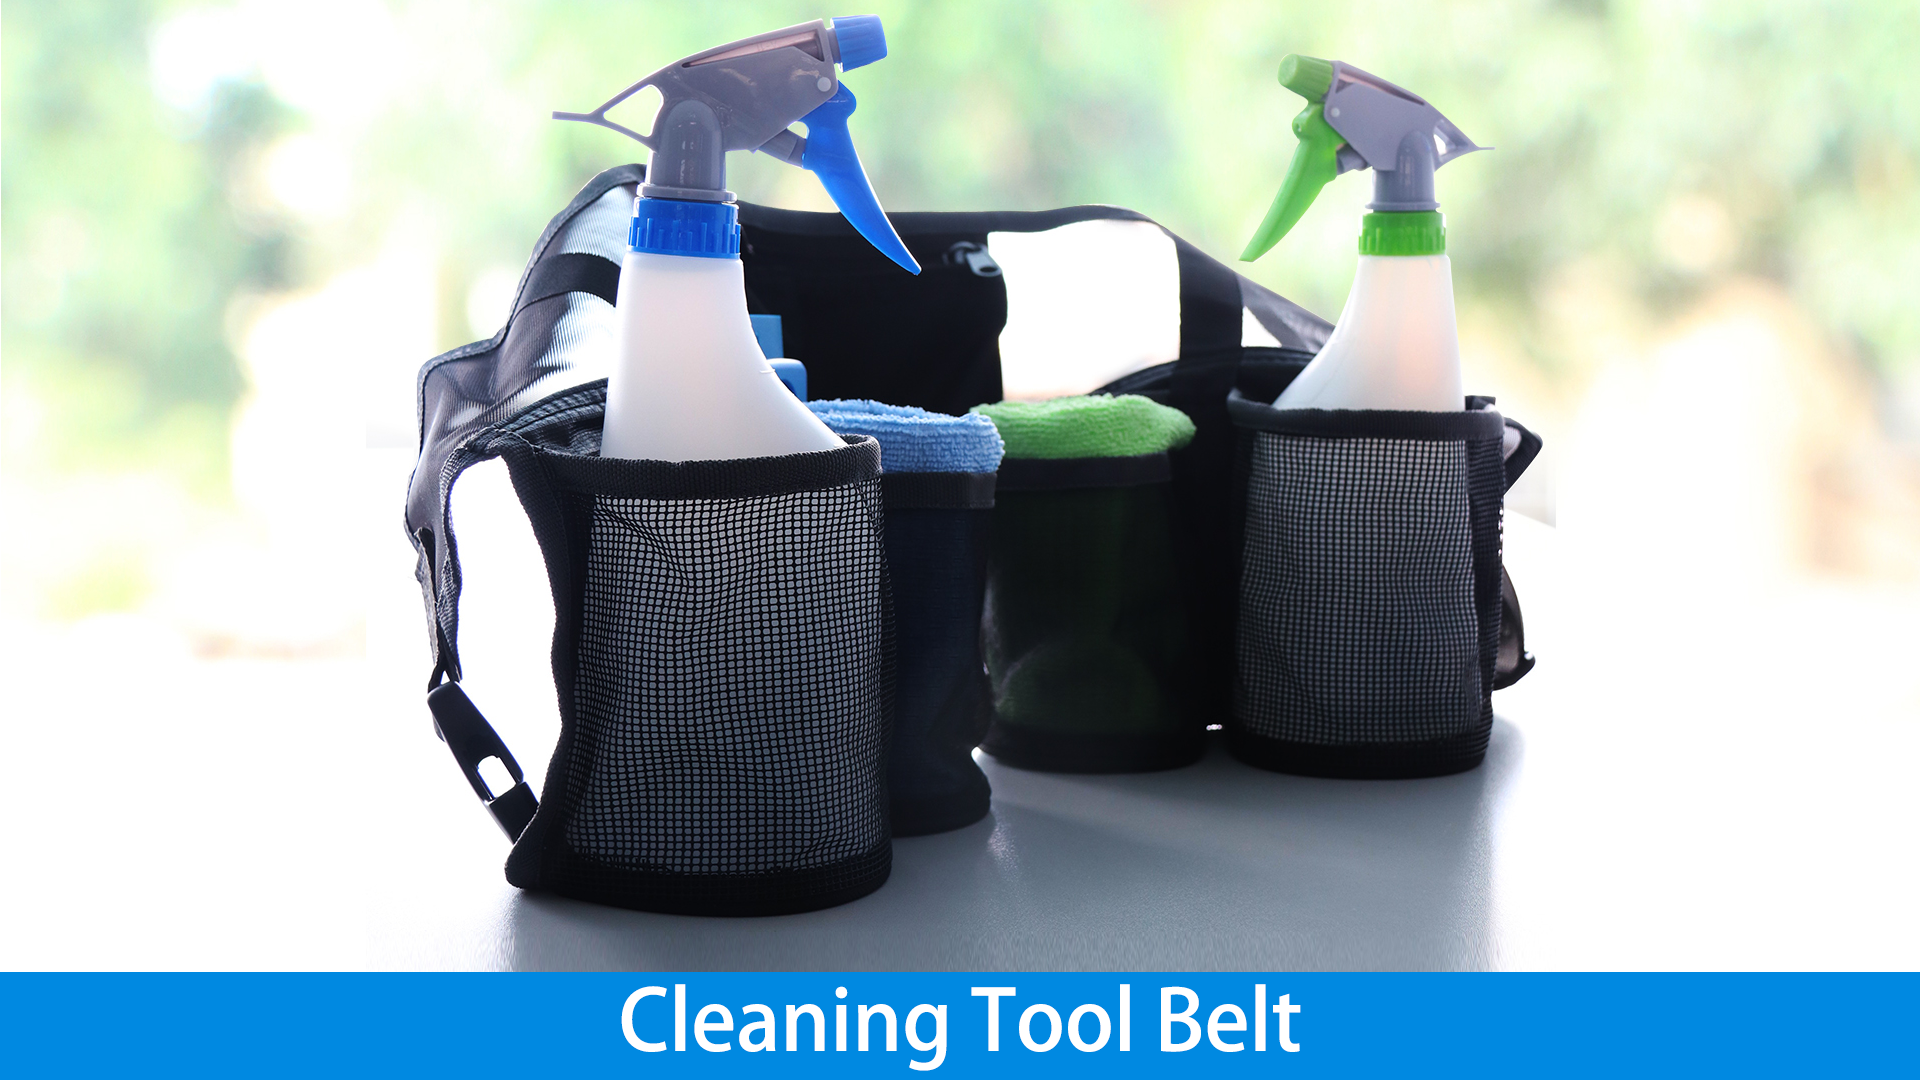 맞춤형 최고 품질의 폴리 에스터 착용 증거 휴대용 85x20cm 4 파우치 청소 도구 벨트